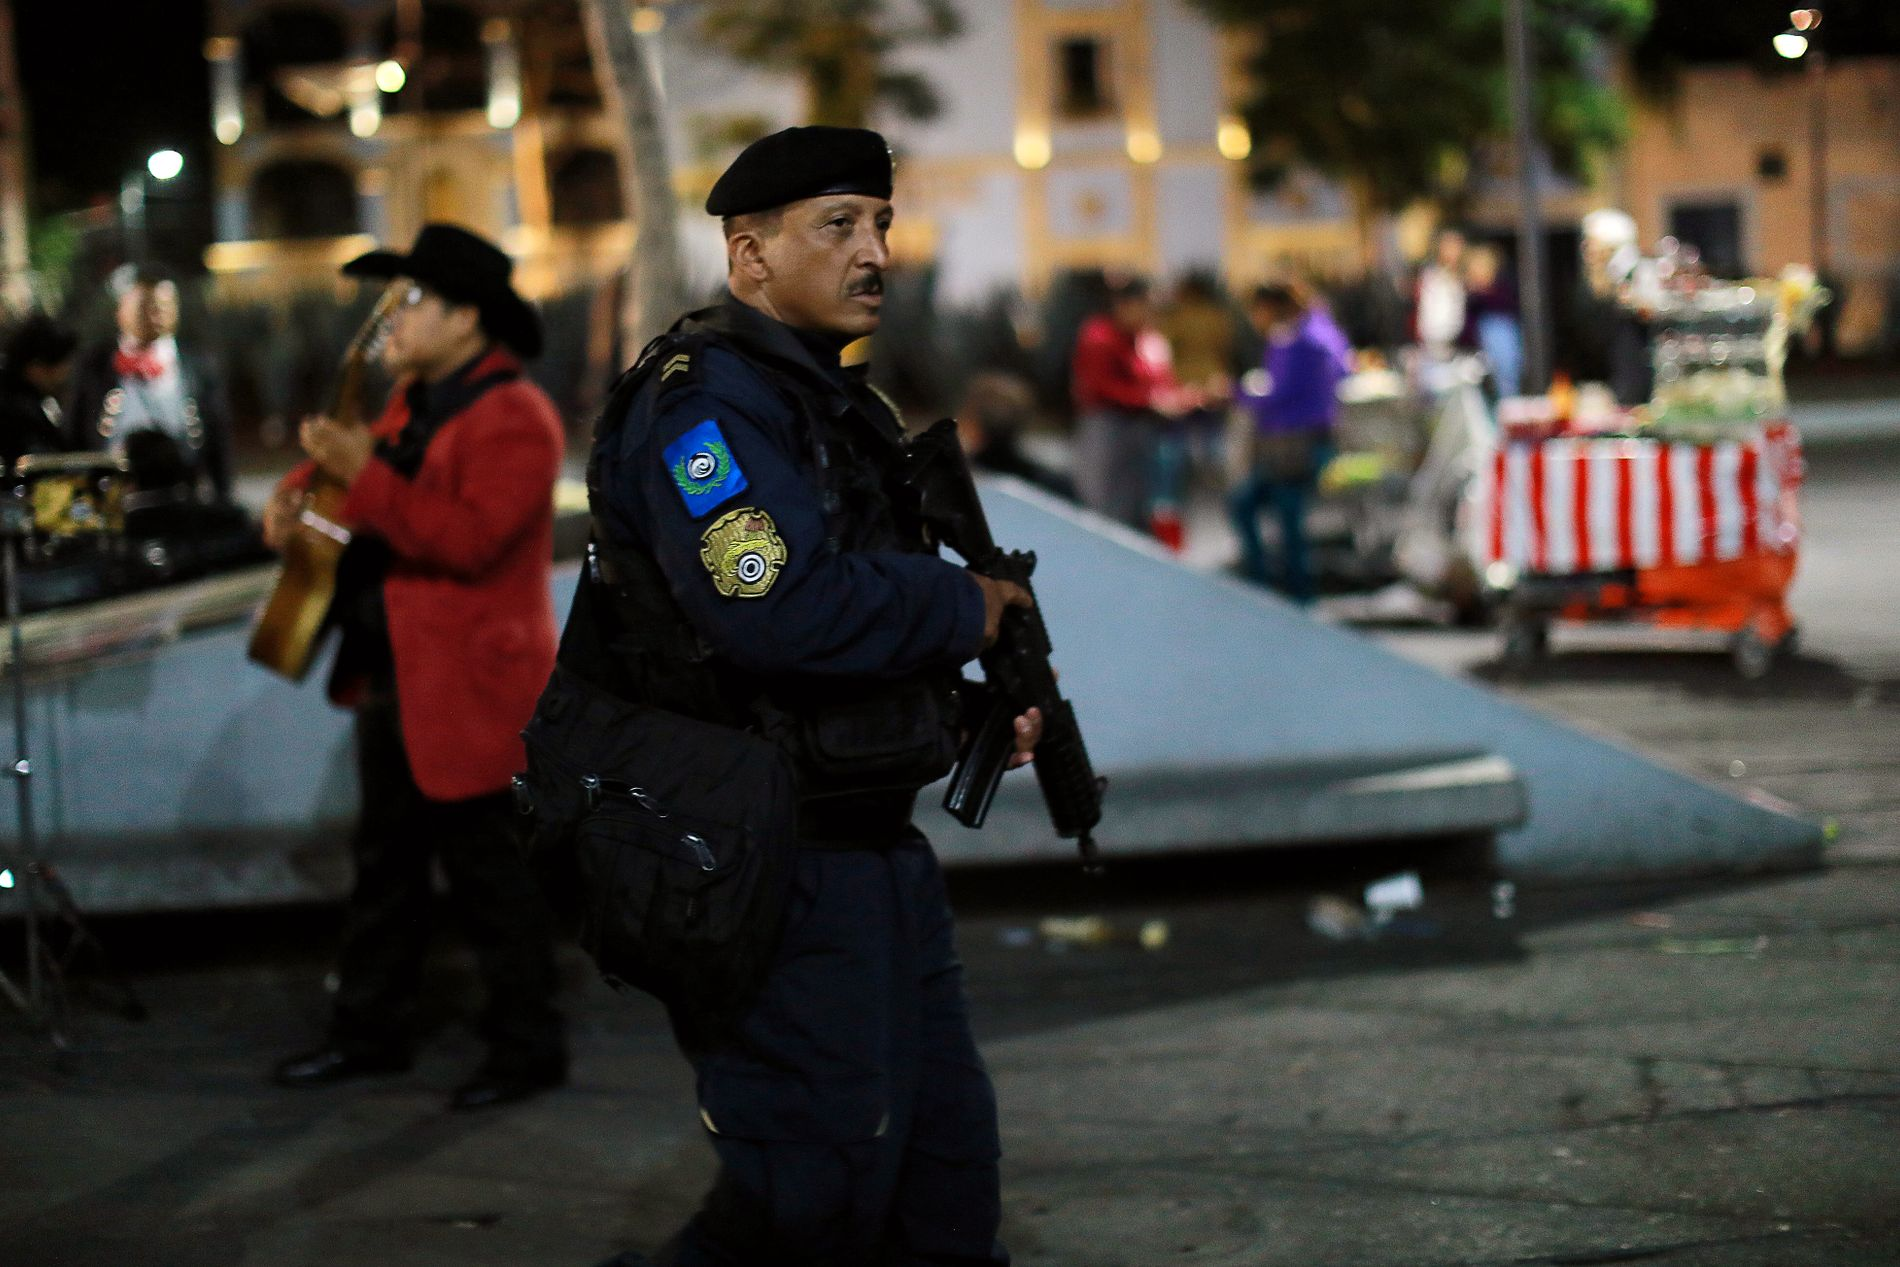 ÅSTED: En politimann patruljerer området ved Plaza Garibaldi i Mexico, der flere ukjente menn åpnet ild fredag.